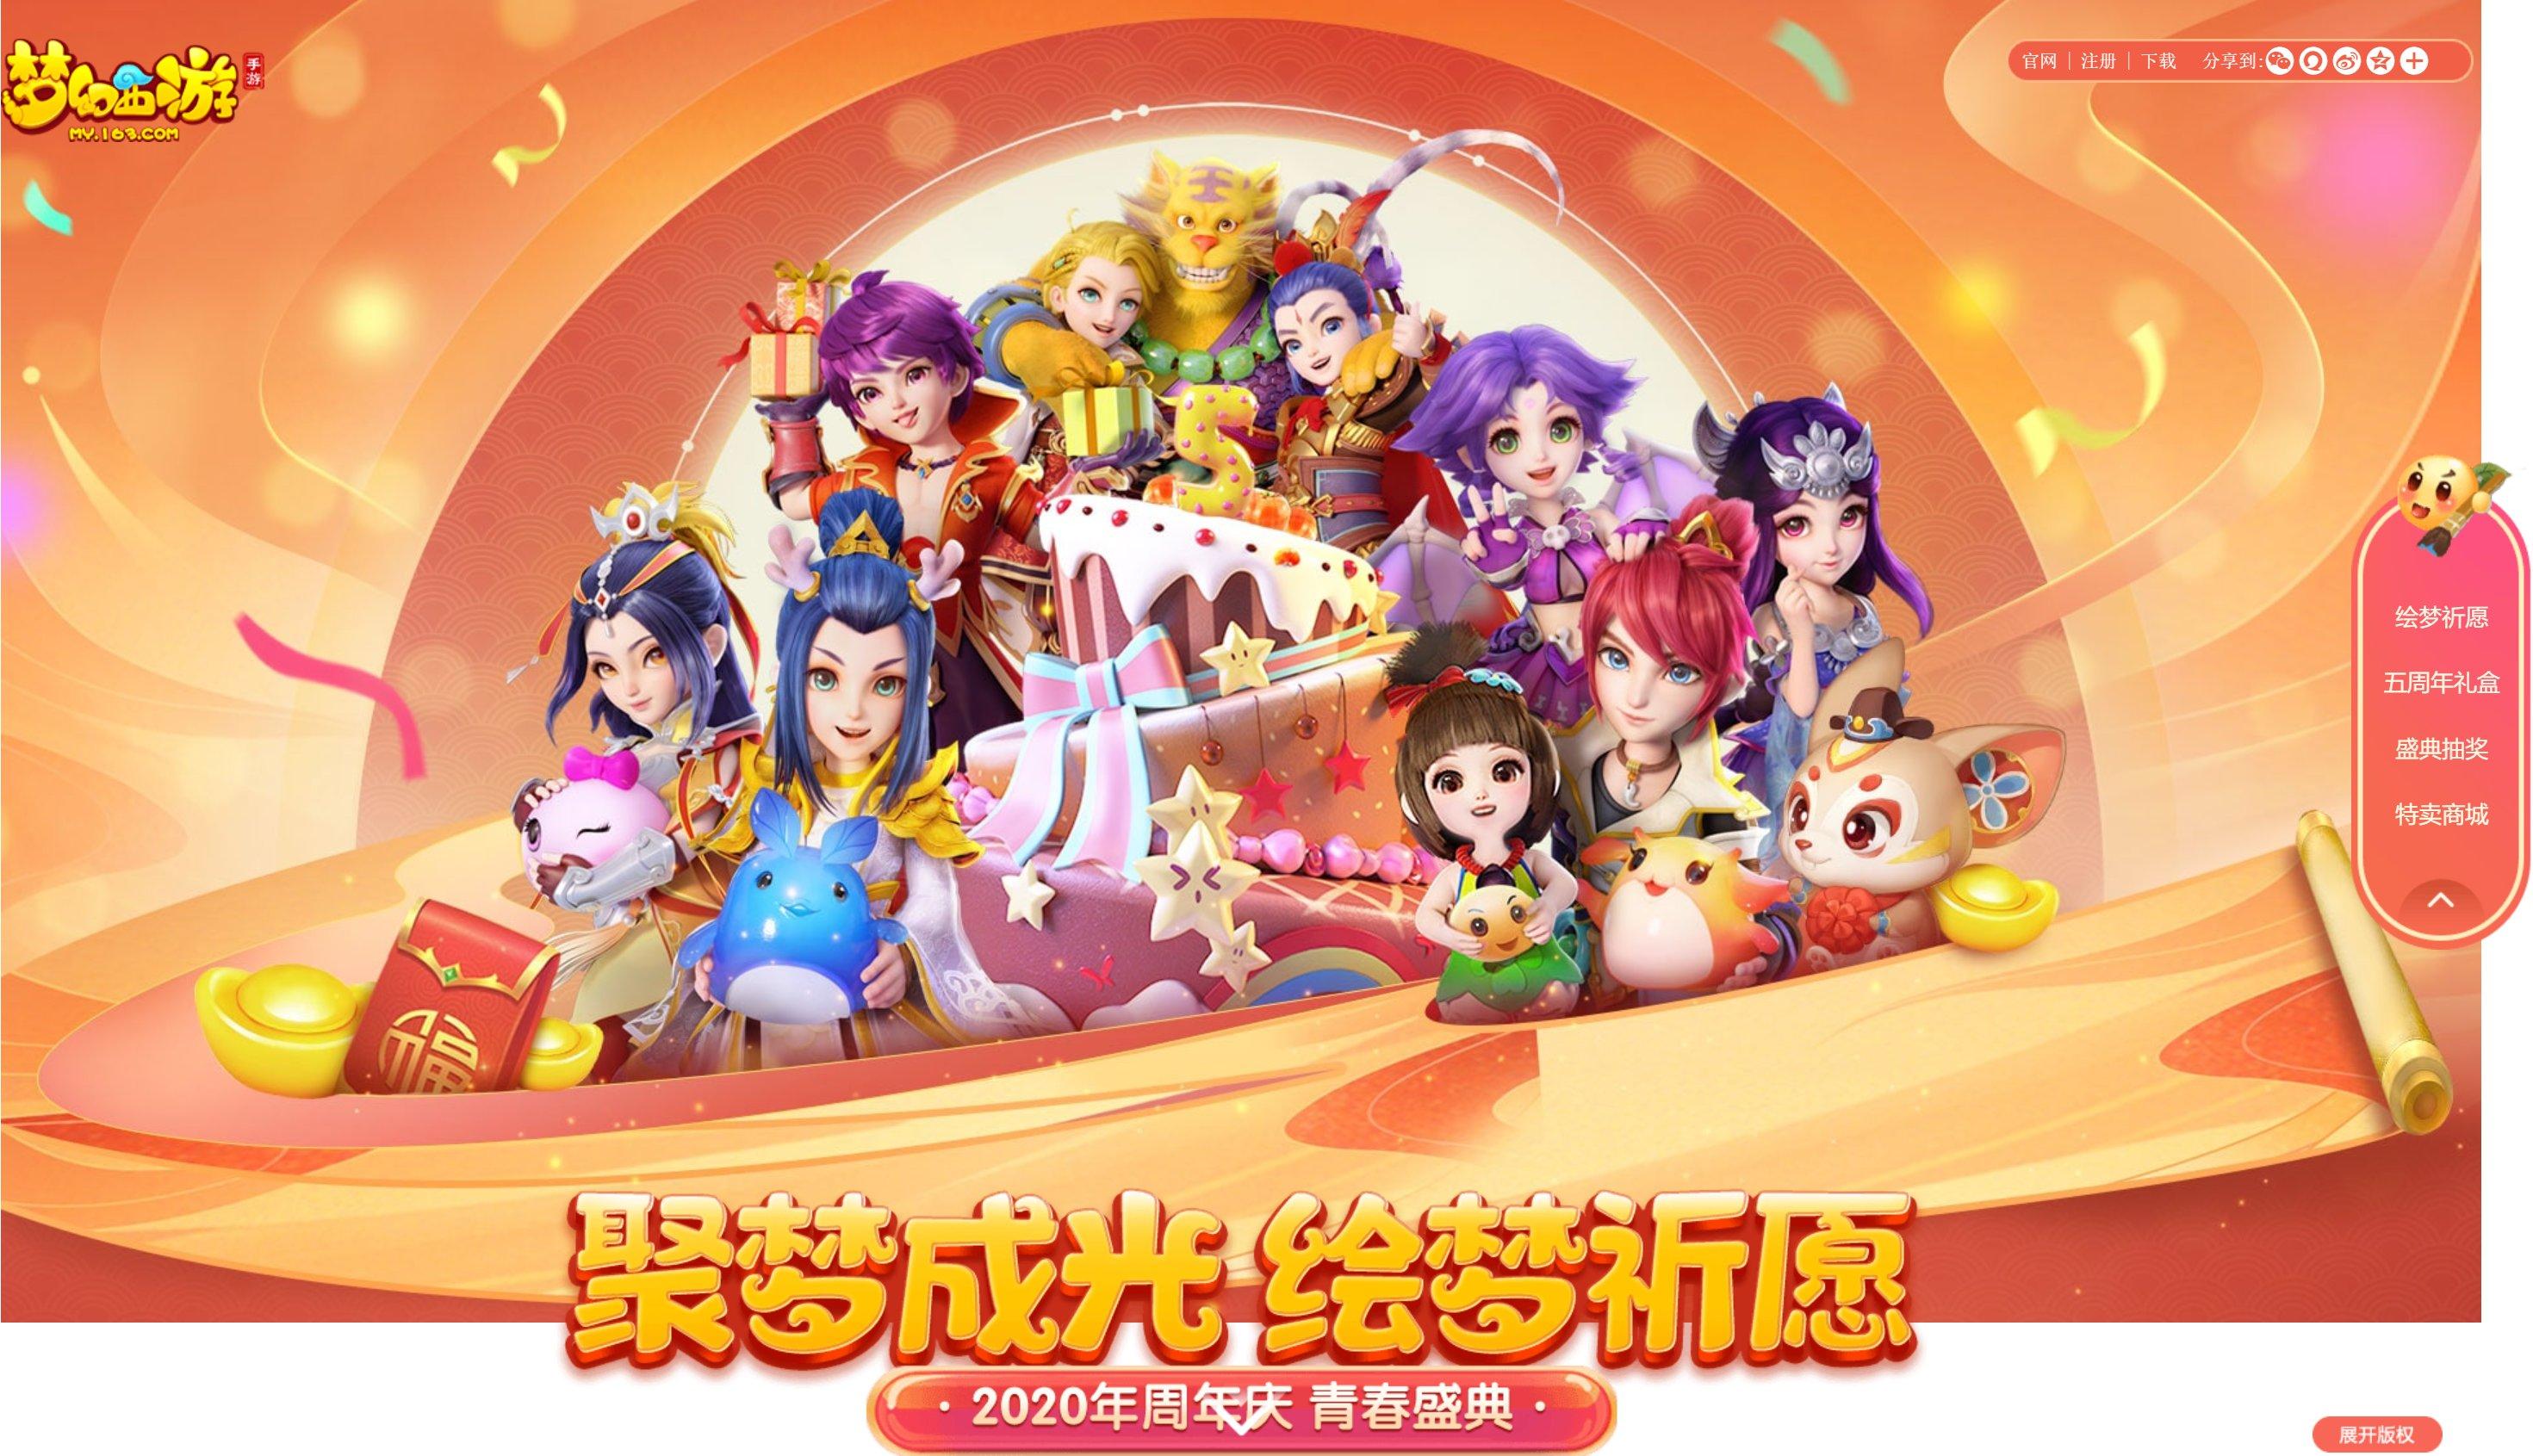 聚梦成光,《梦幻西游》手游周年庆典明日开启